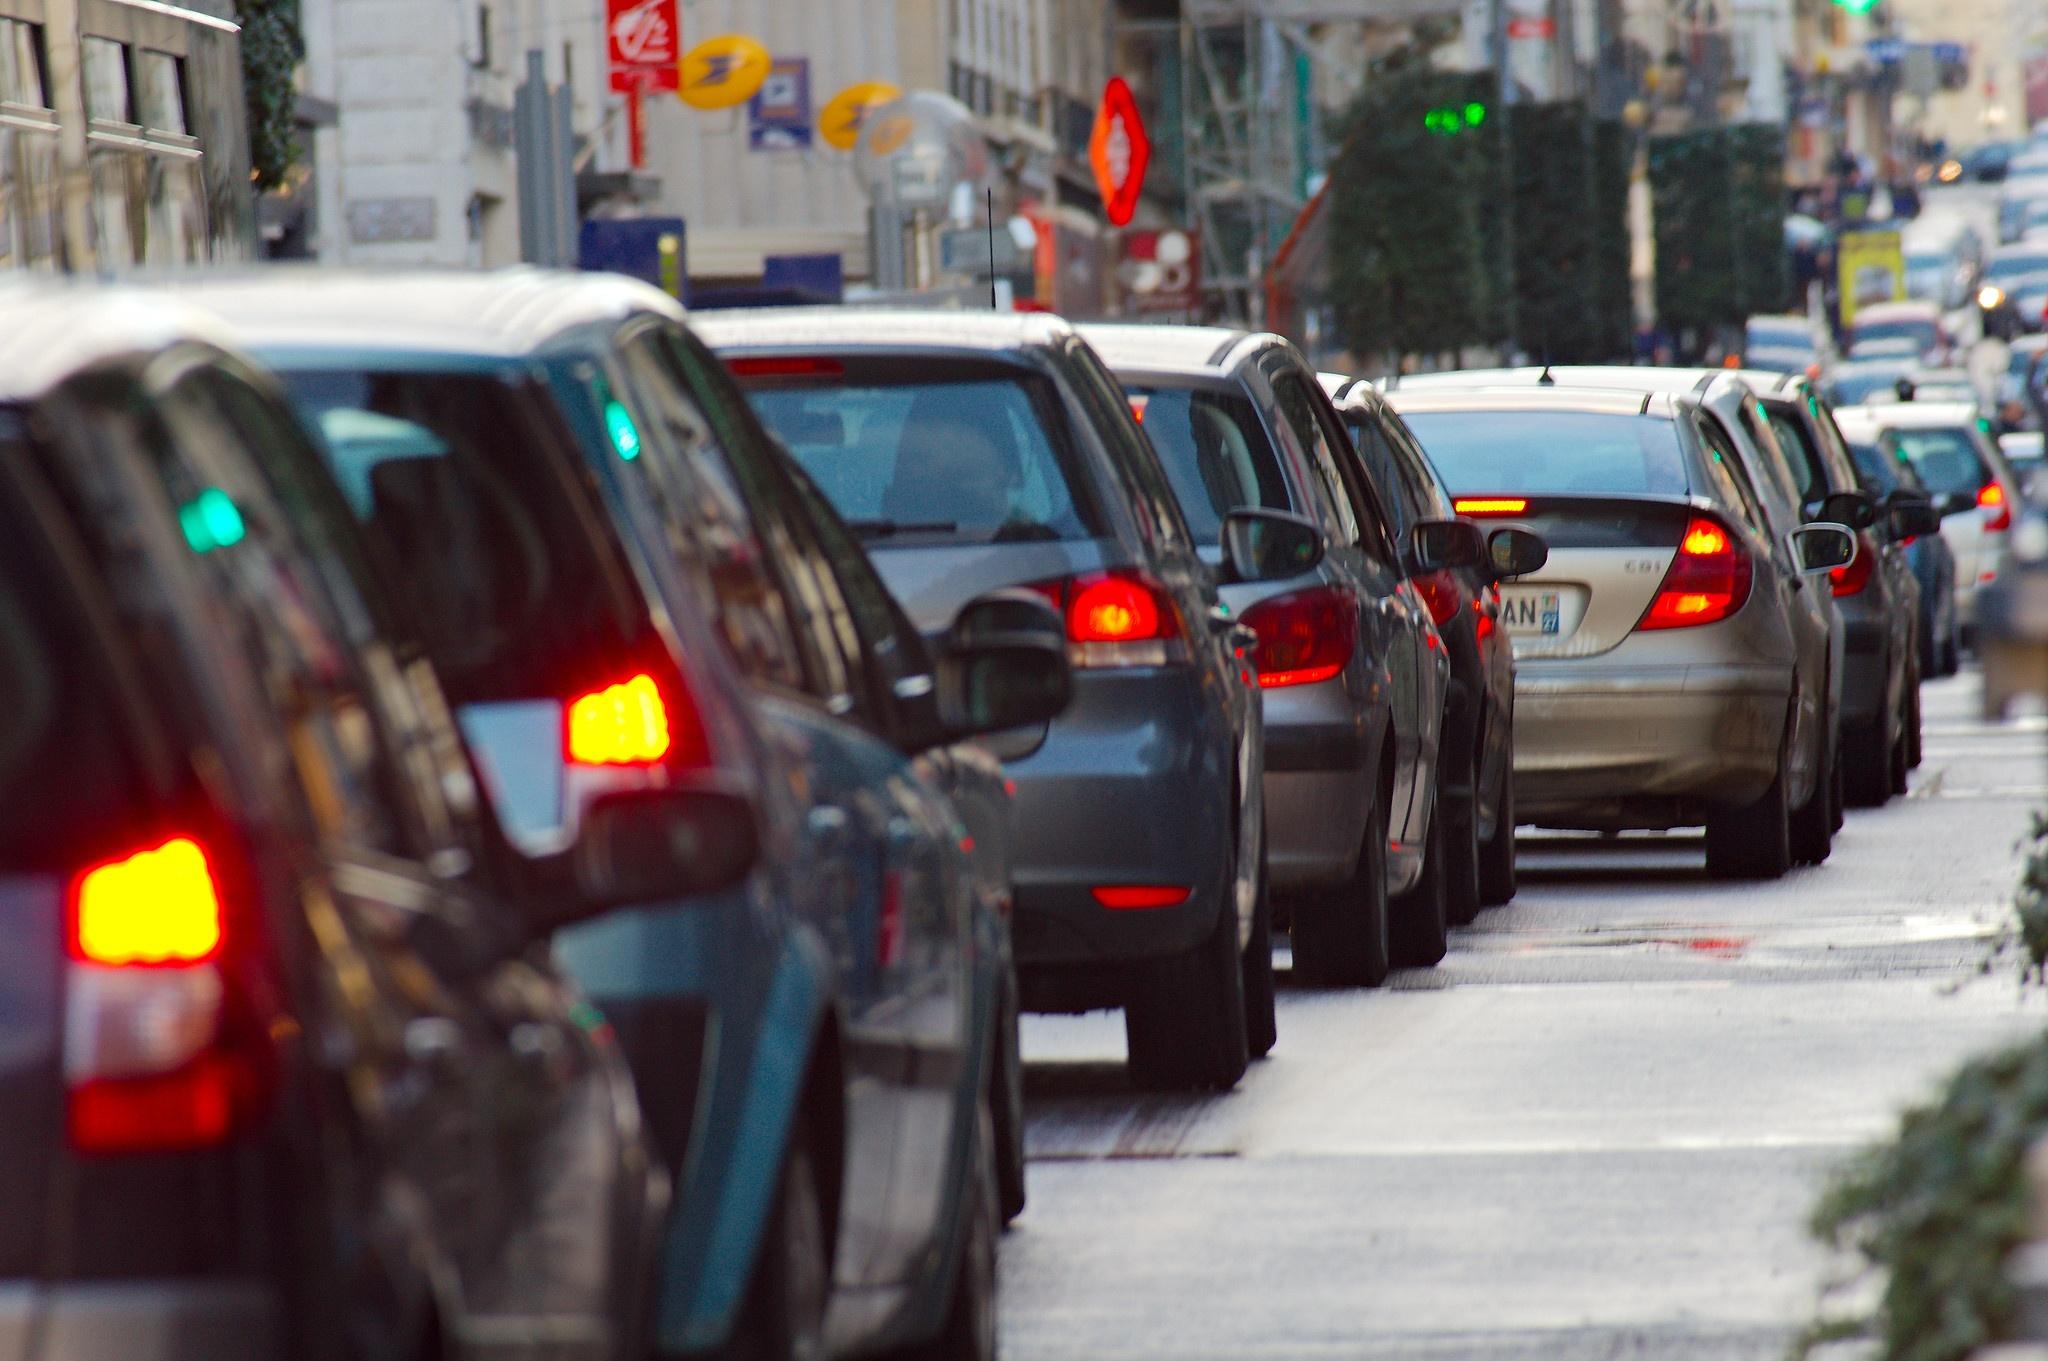 Montpellier-Nîmes : comment venir à bout du trafic pendulaire sur l'A9